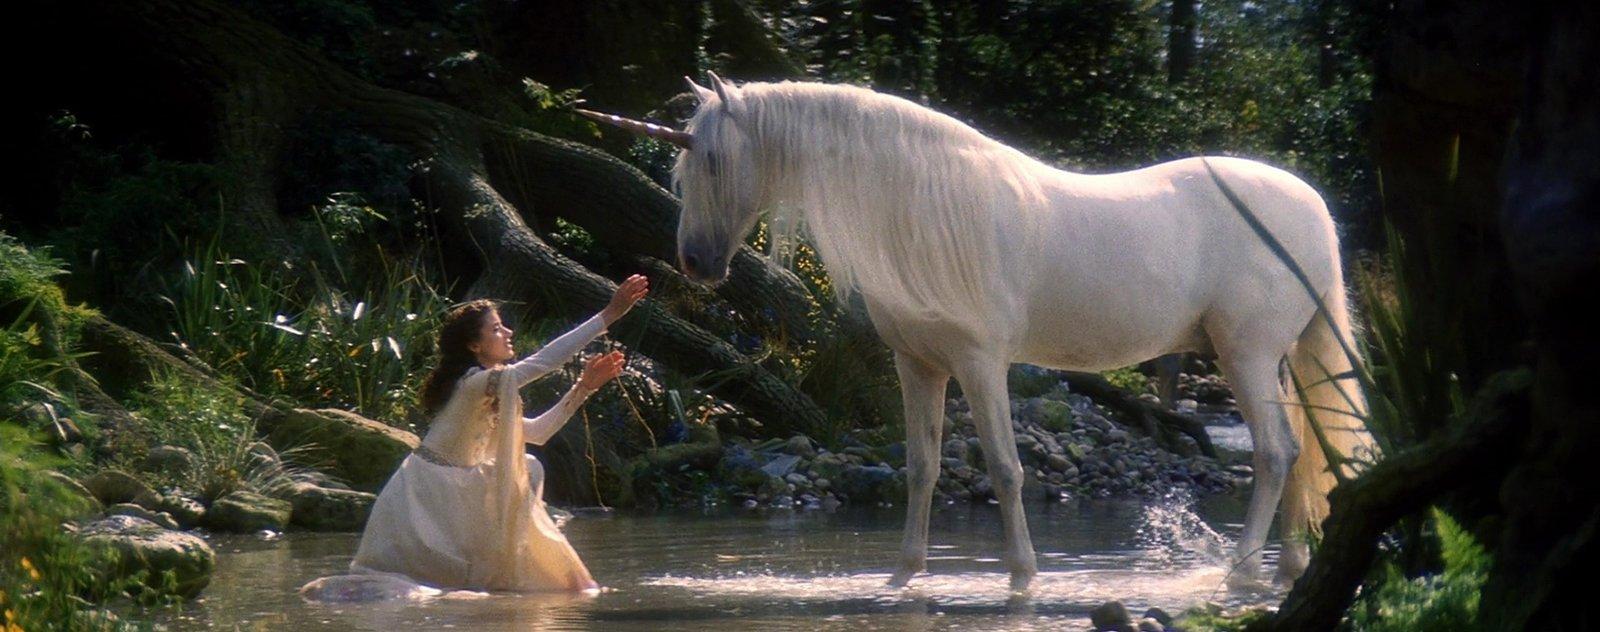 La licorne : les origines, mythes et symboliques à travers l'histoire